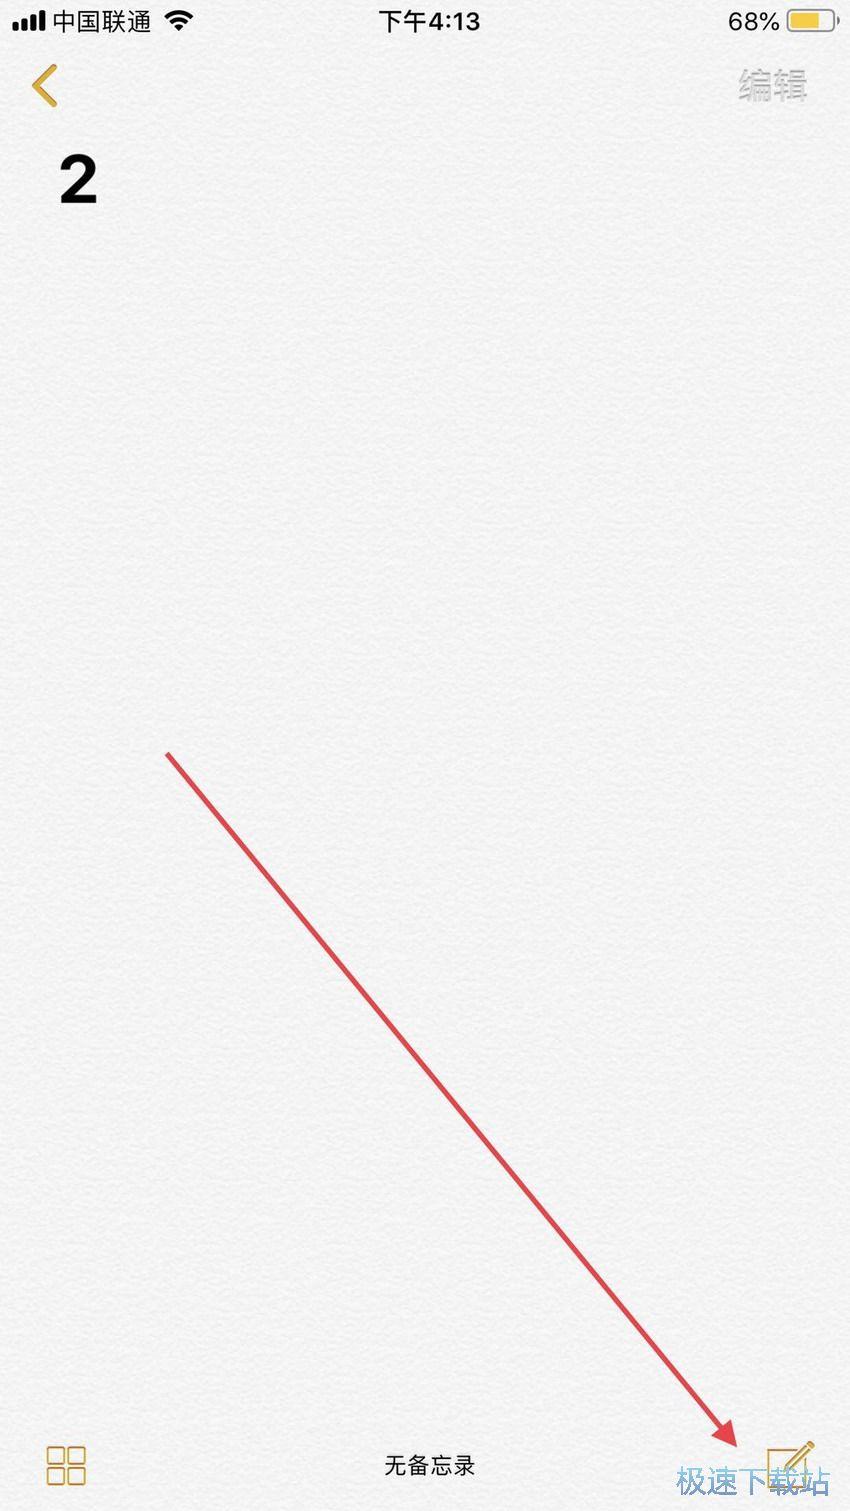 iPhone手机如何隔空打印及复印文件? 缩略图